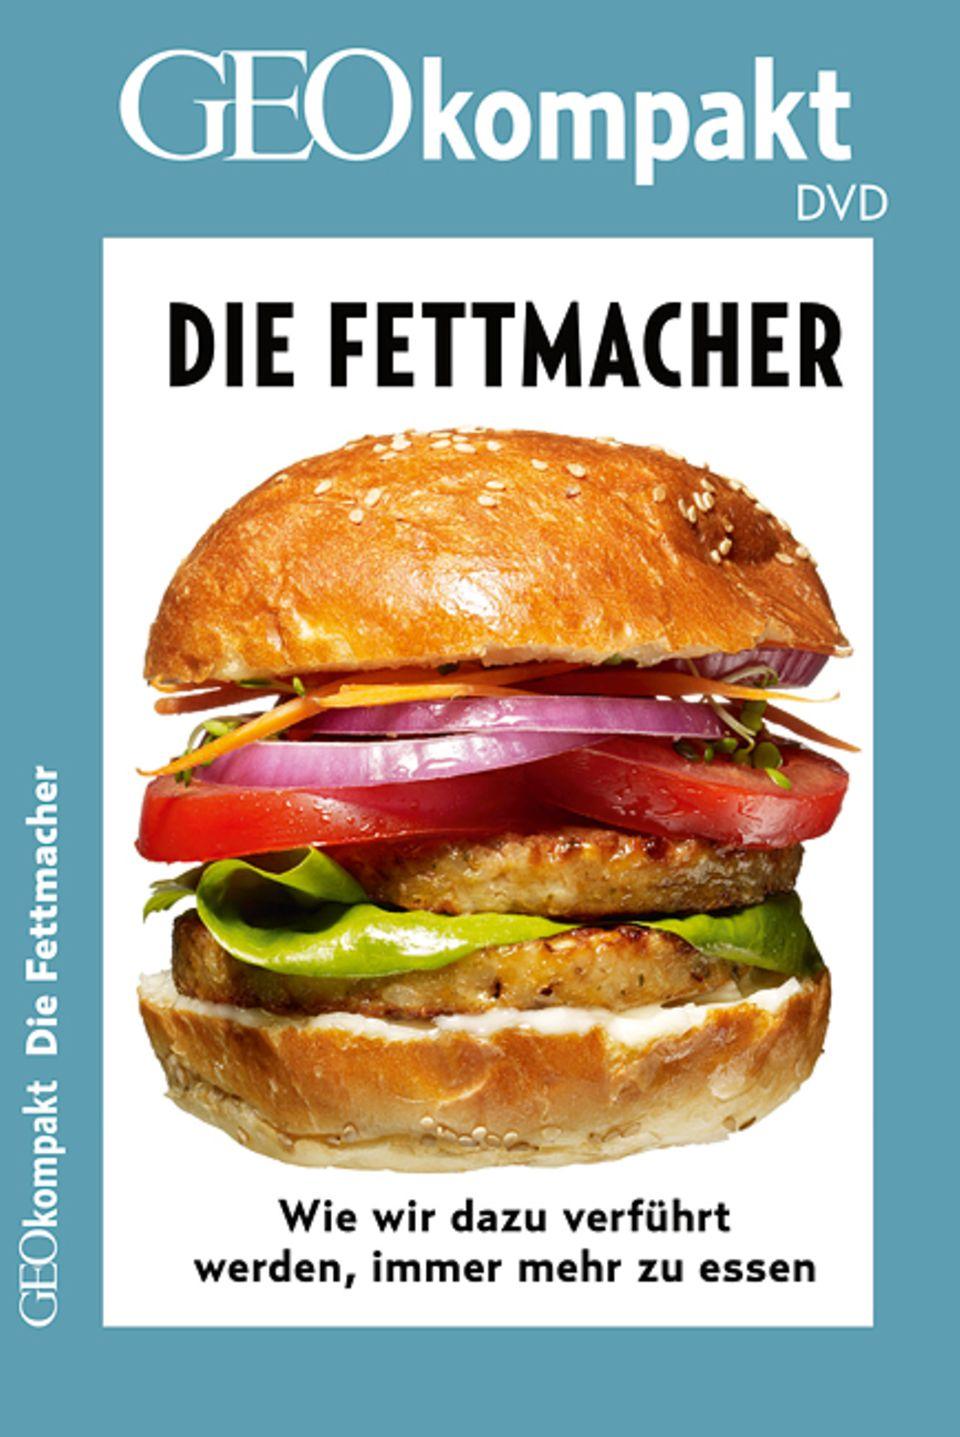 """Gesunde Ernährung: GEOkompakt Nr. 42 """"Gesunde Ernährung"""" ist auch mit DVD erhältlich"""